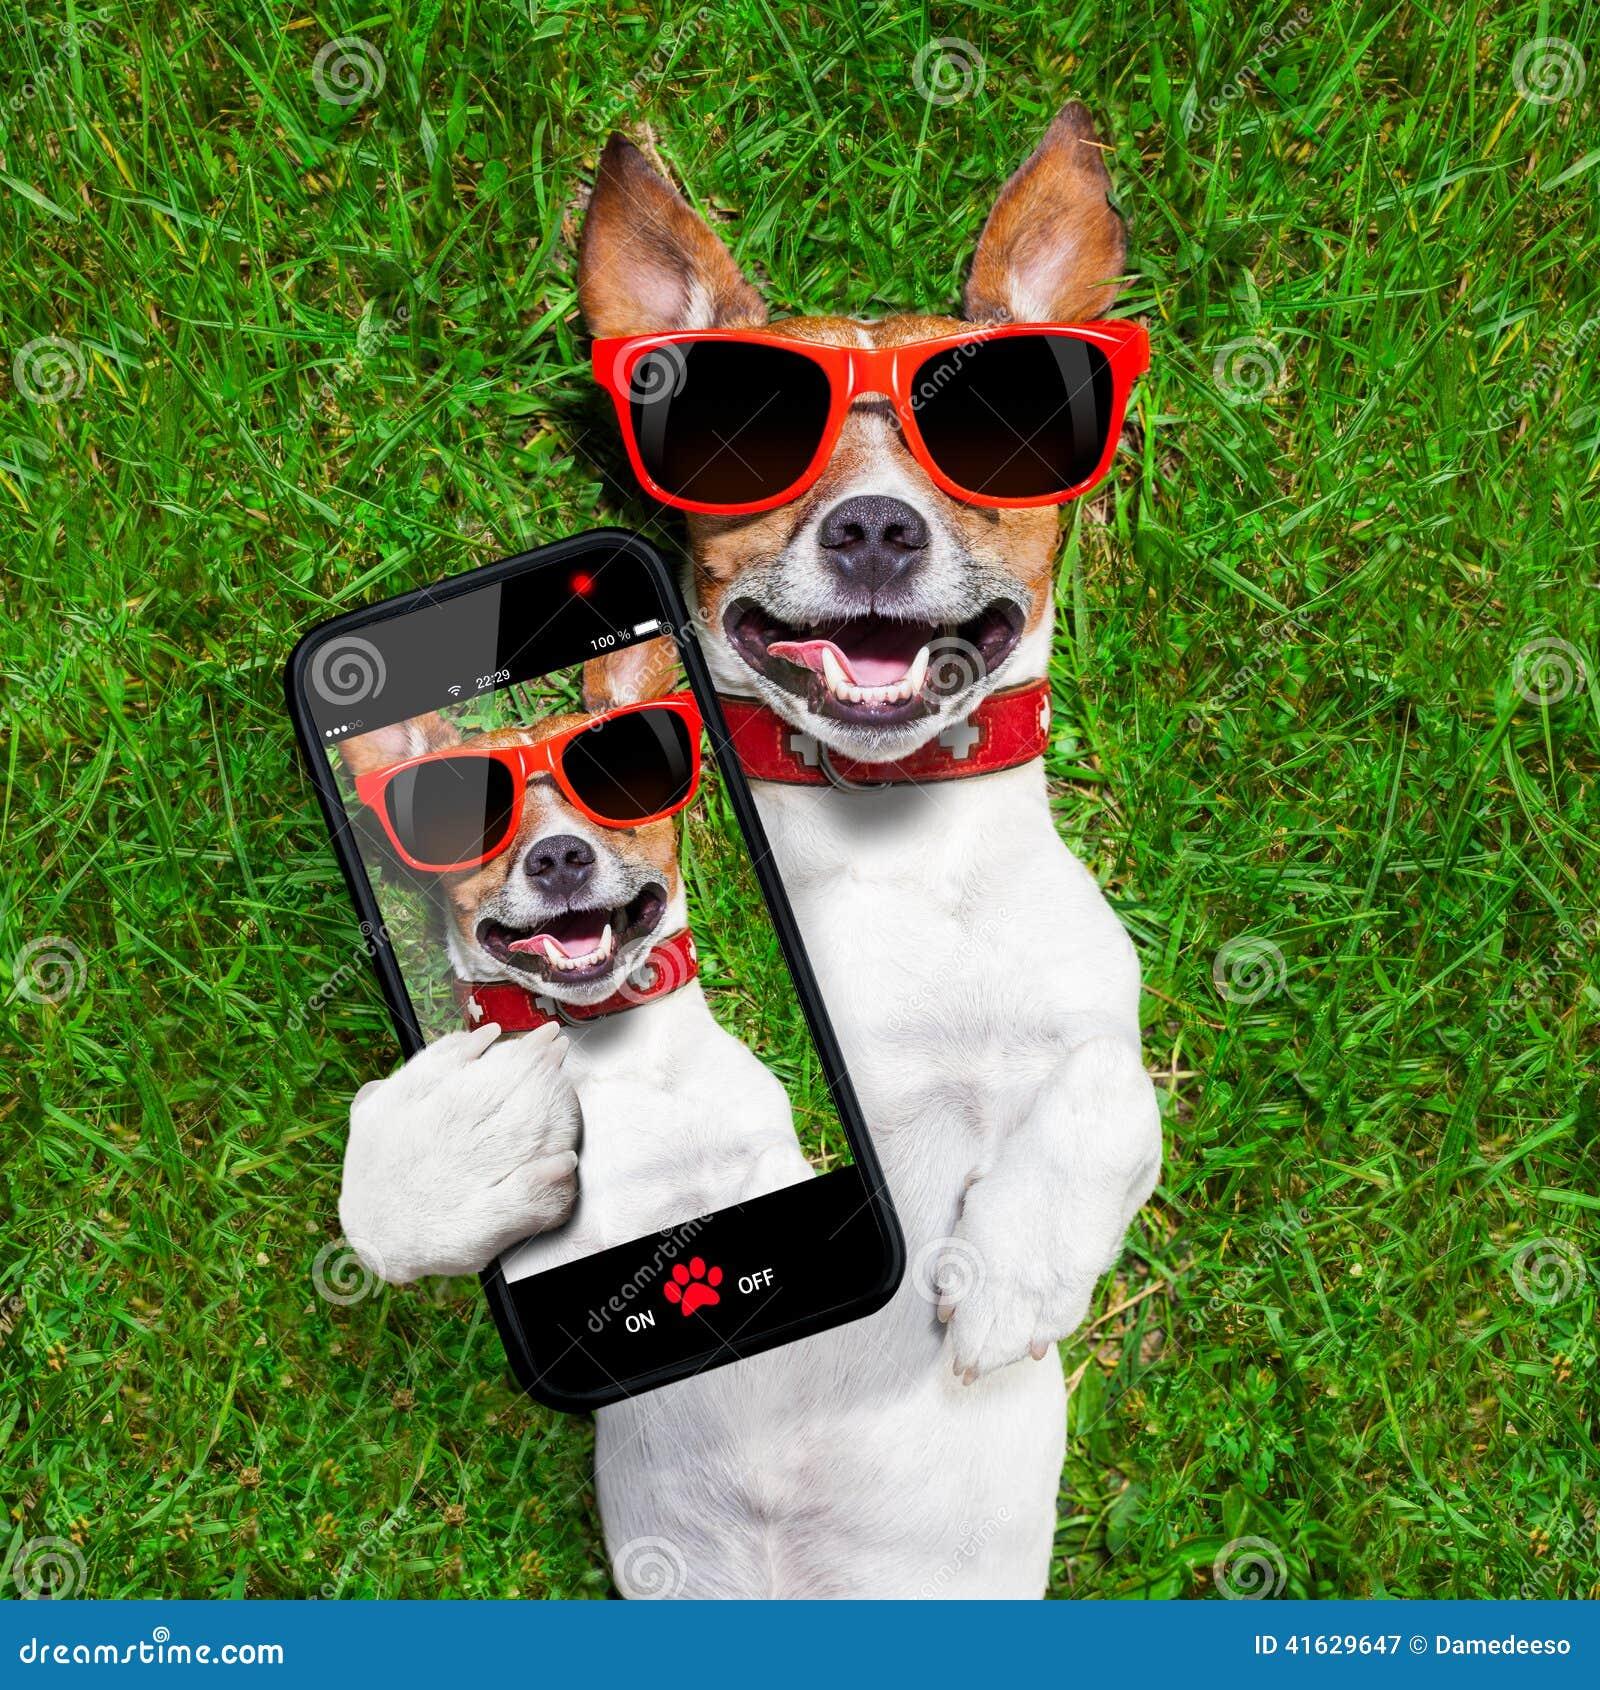 Funny Selfie Dog Stock Photo - Image: 41629647 - photo#16